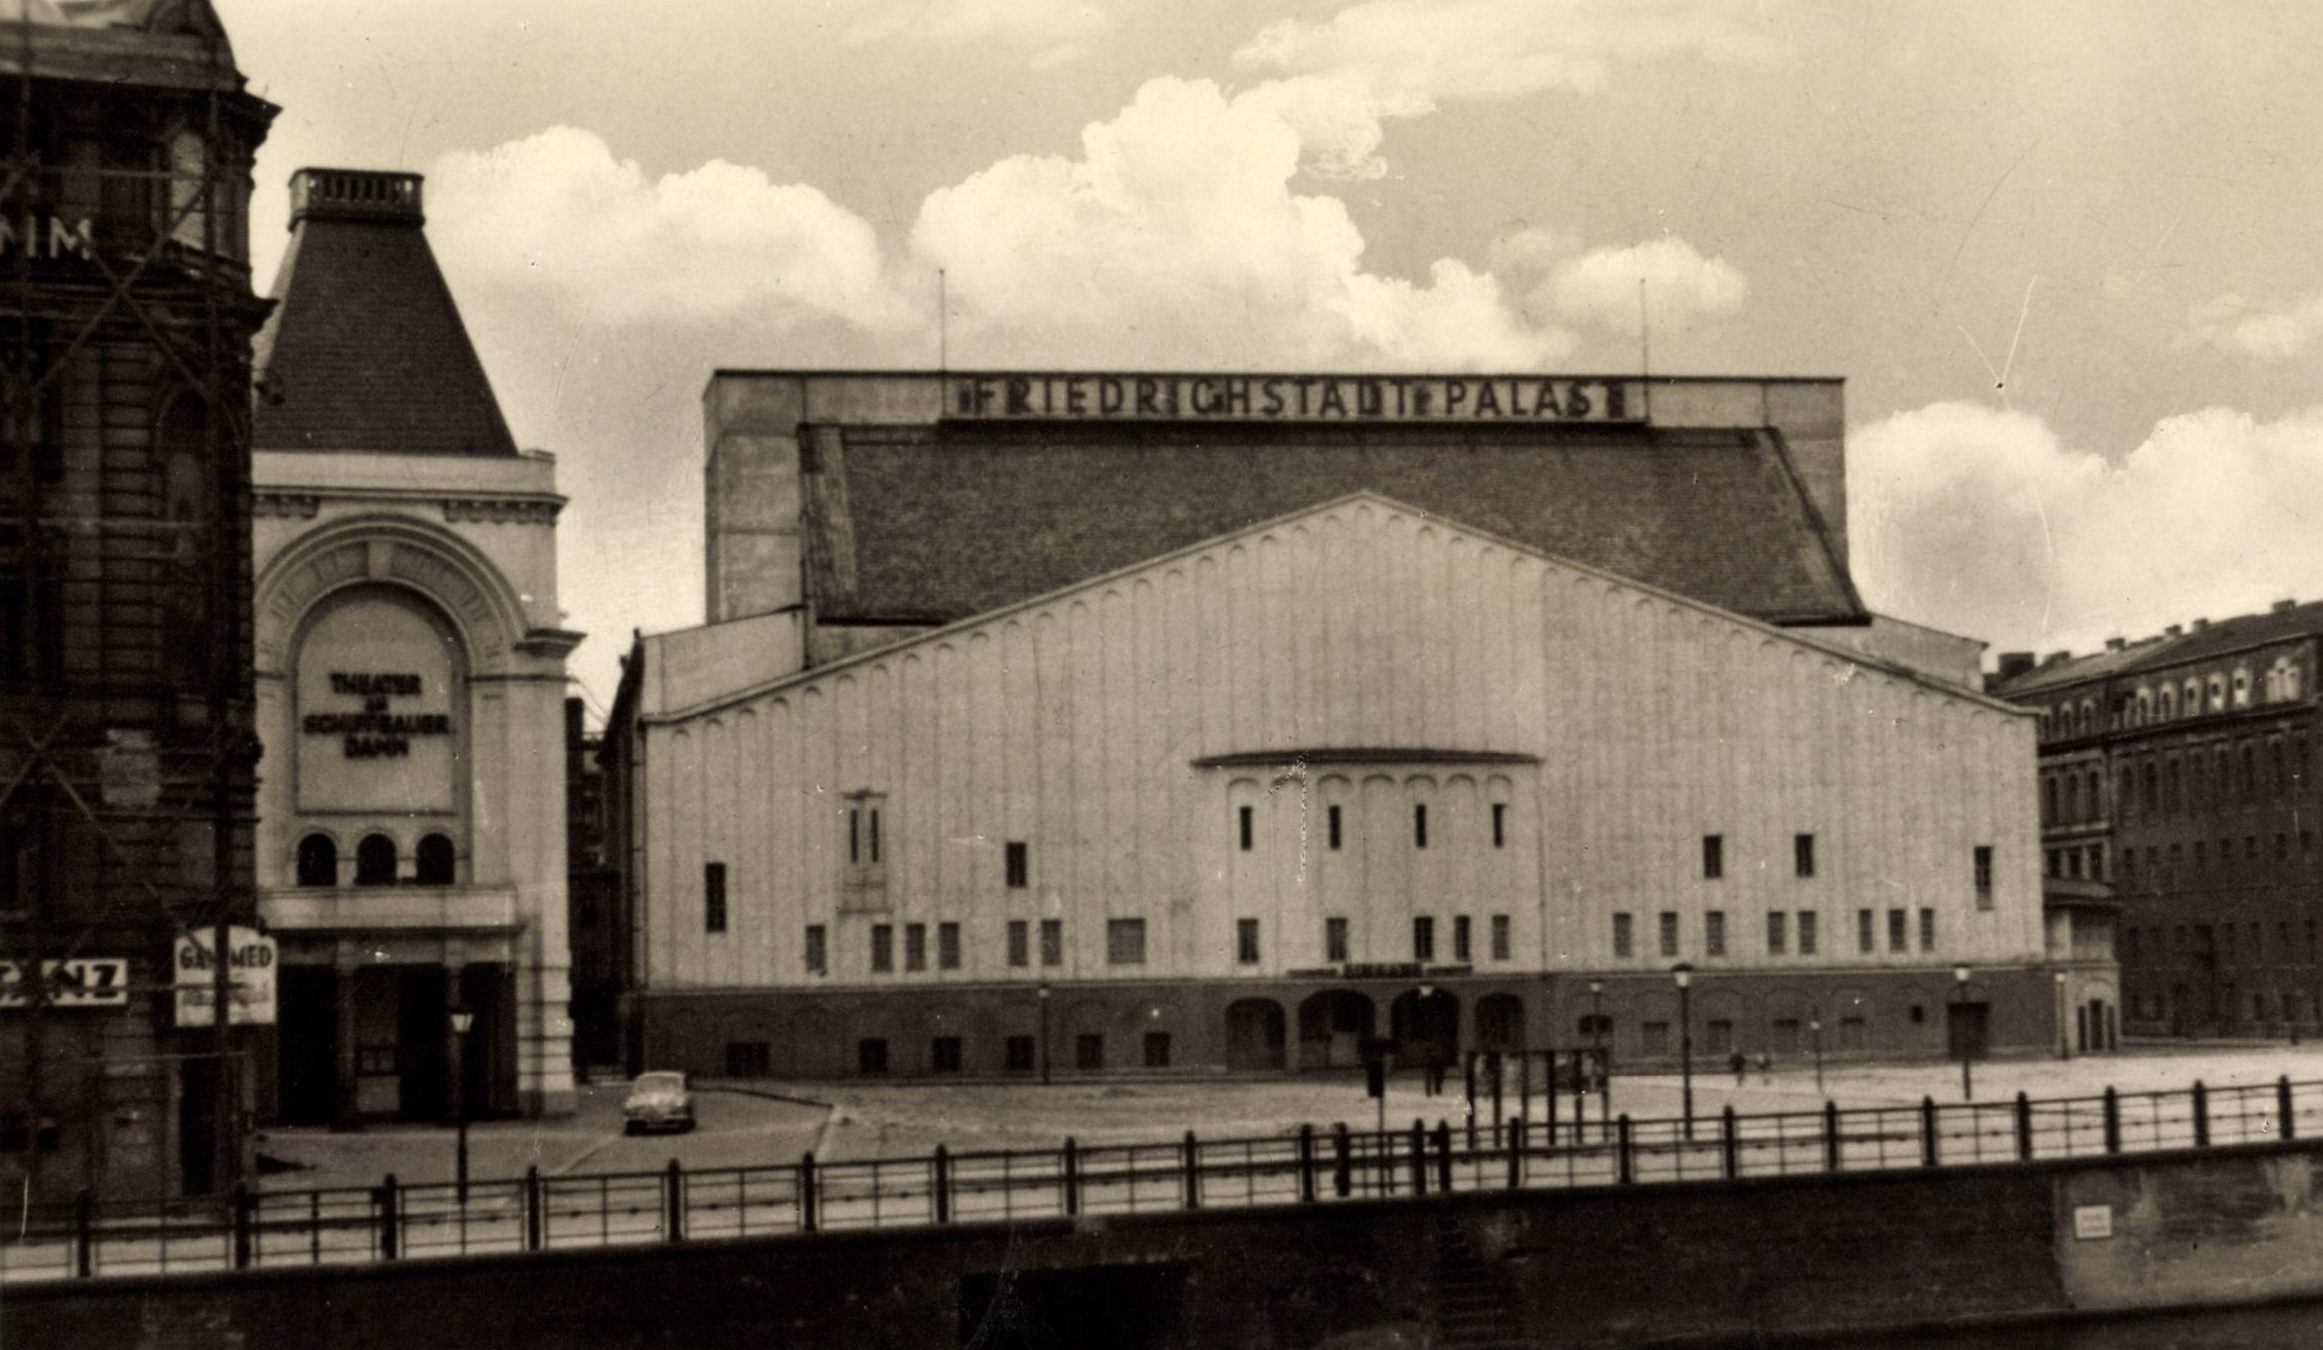 Der alte Friedrichstadt-Palast, 1960er-Jahre. Das historische Theater von Hans Poelzig wurde Anfang der 1980er-Jahre abgerissen. Foto: Imago/Arkivi